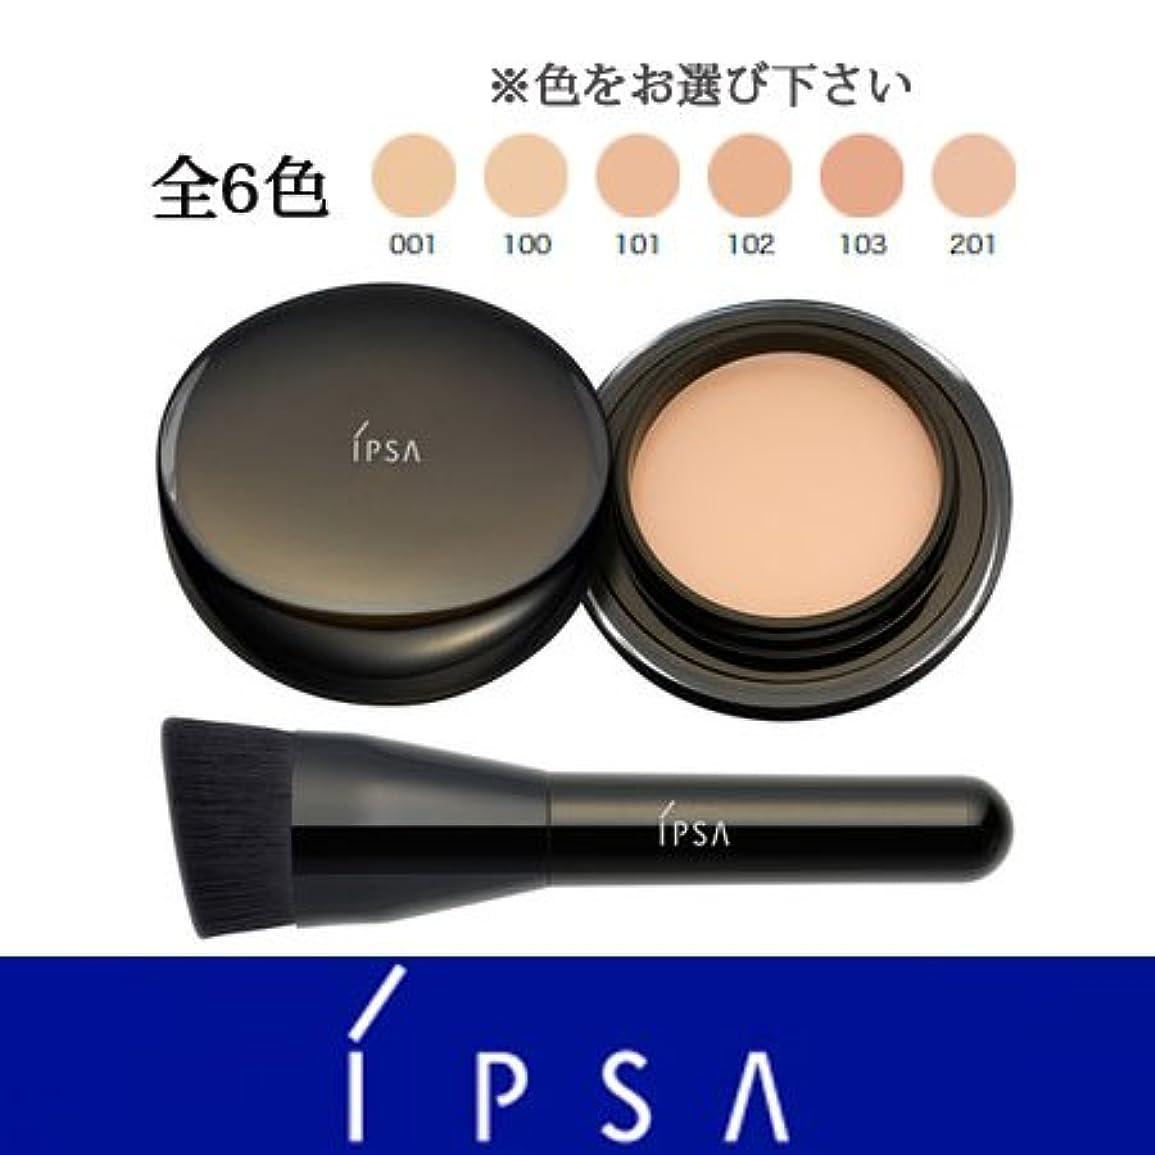 事実上オーナー一貫性のないイプサ ファウンデイション アルティメイト 全6色 -IPSA- 101